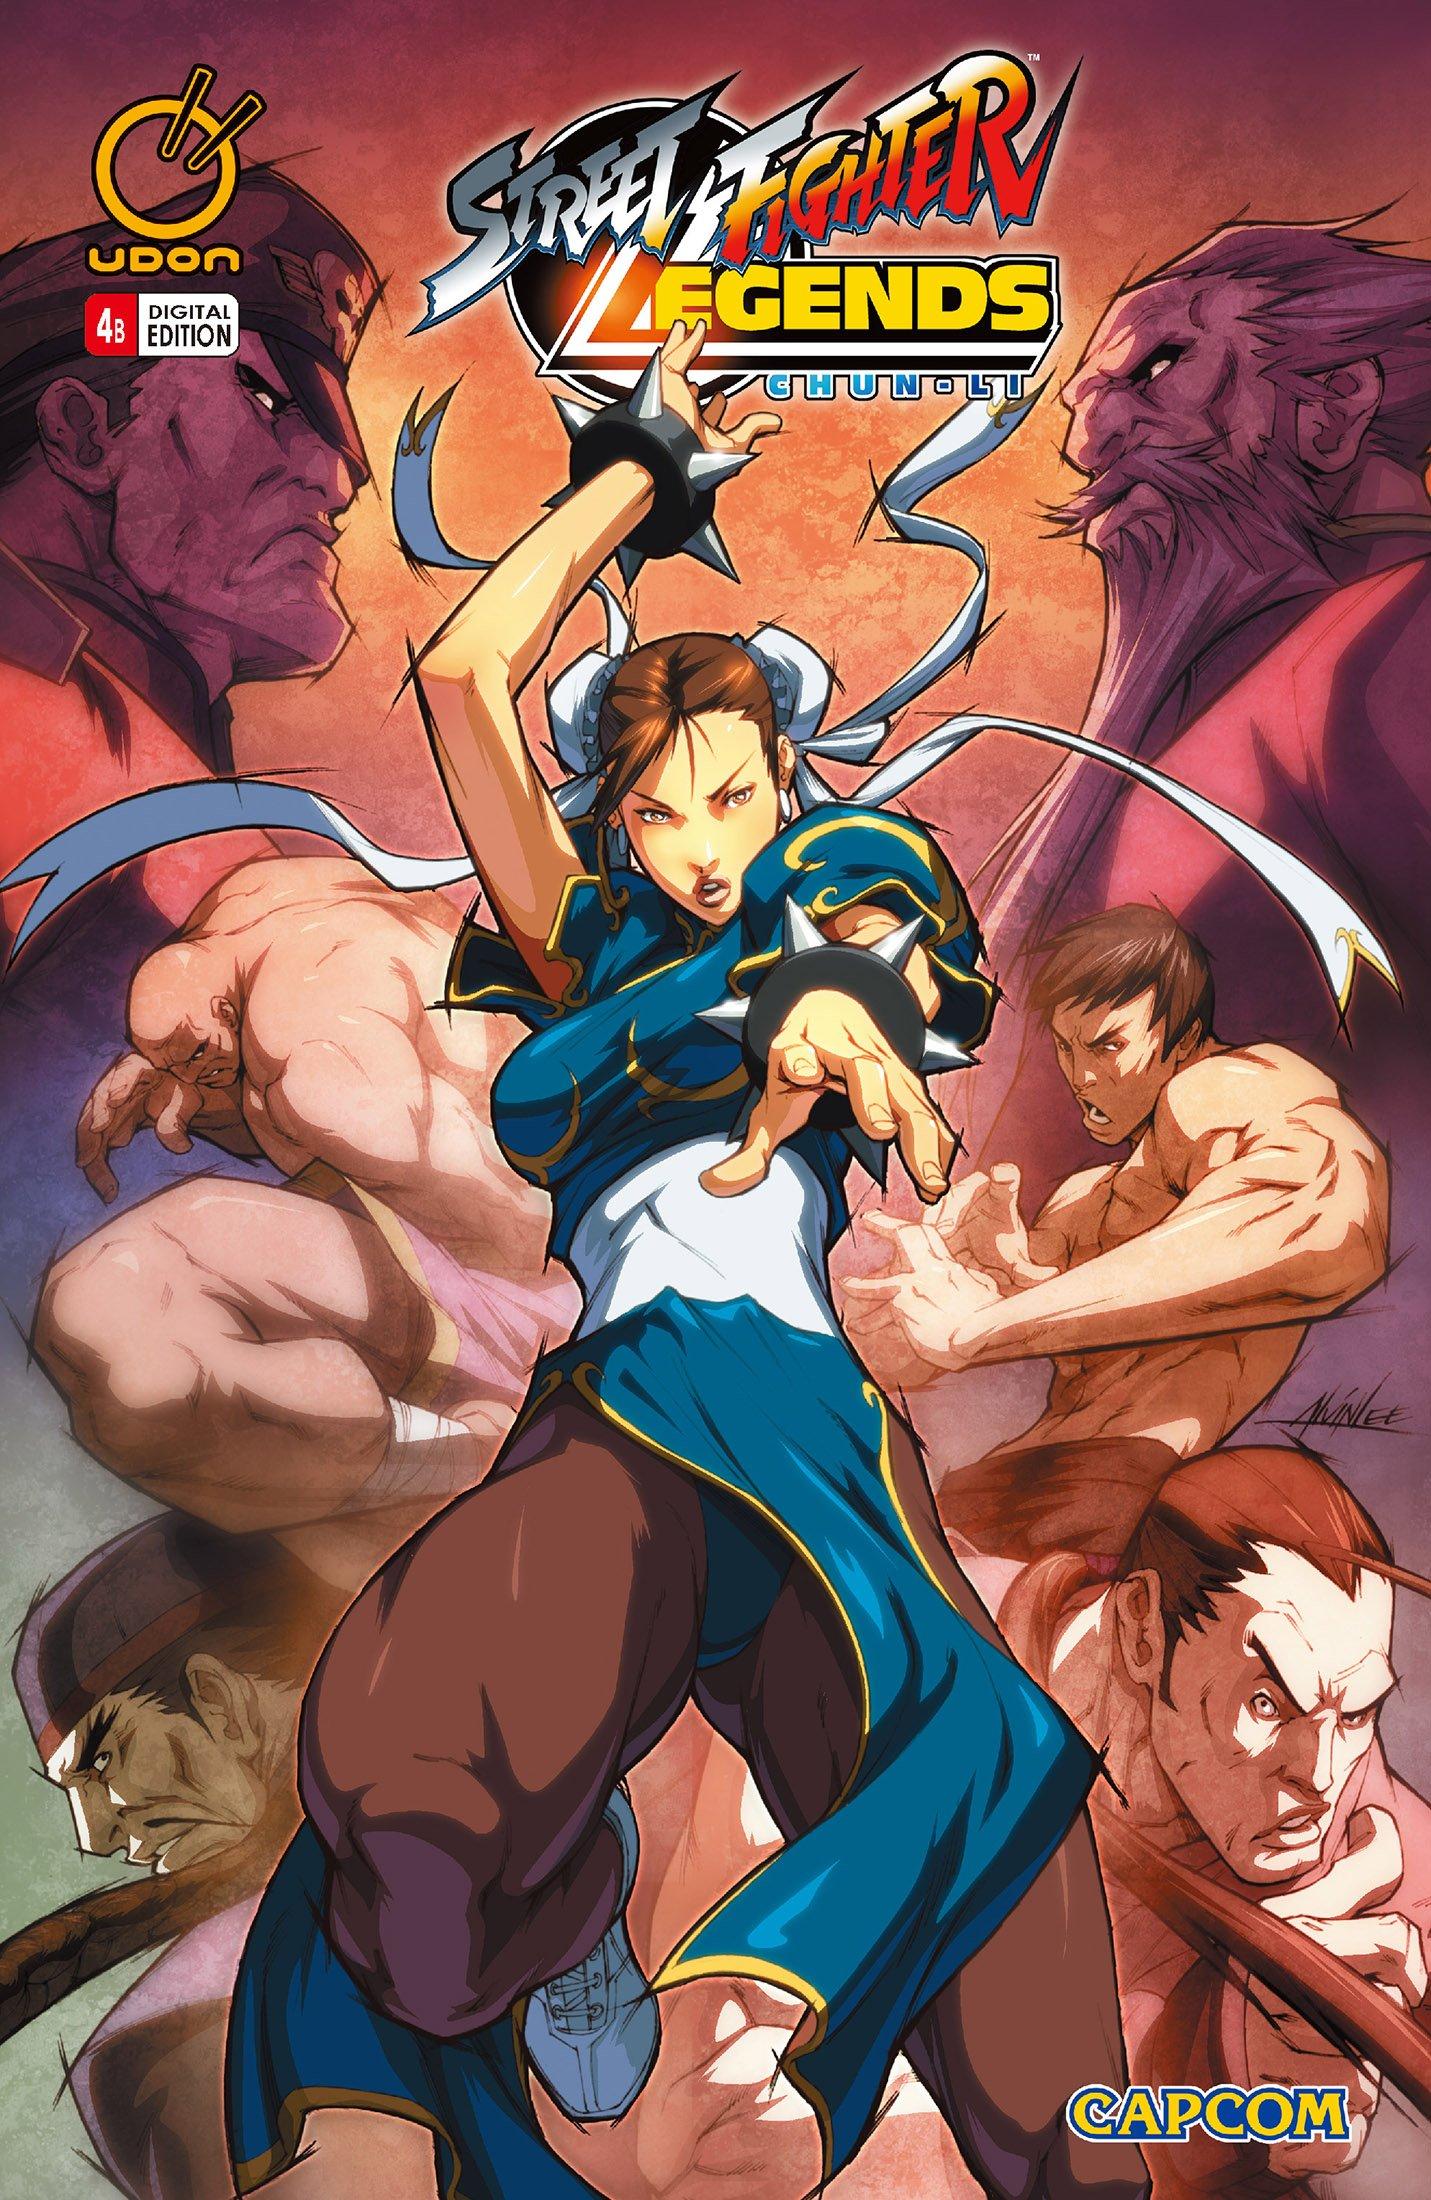 Street Fighter Legends: Chun-Li 004 (August 2009) (cover b)